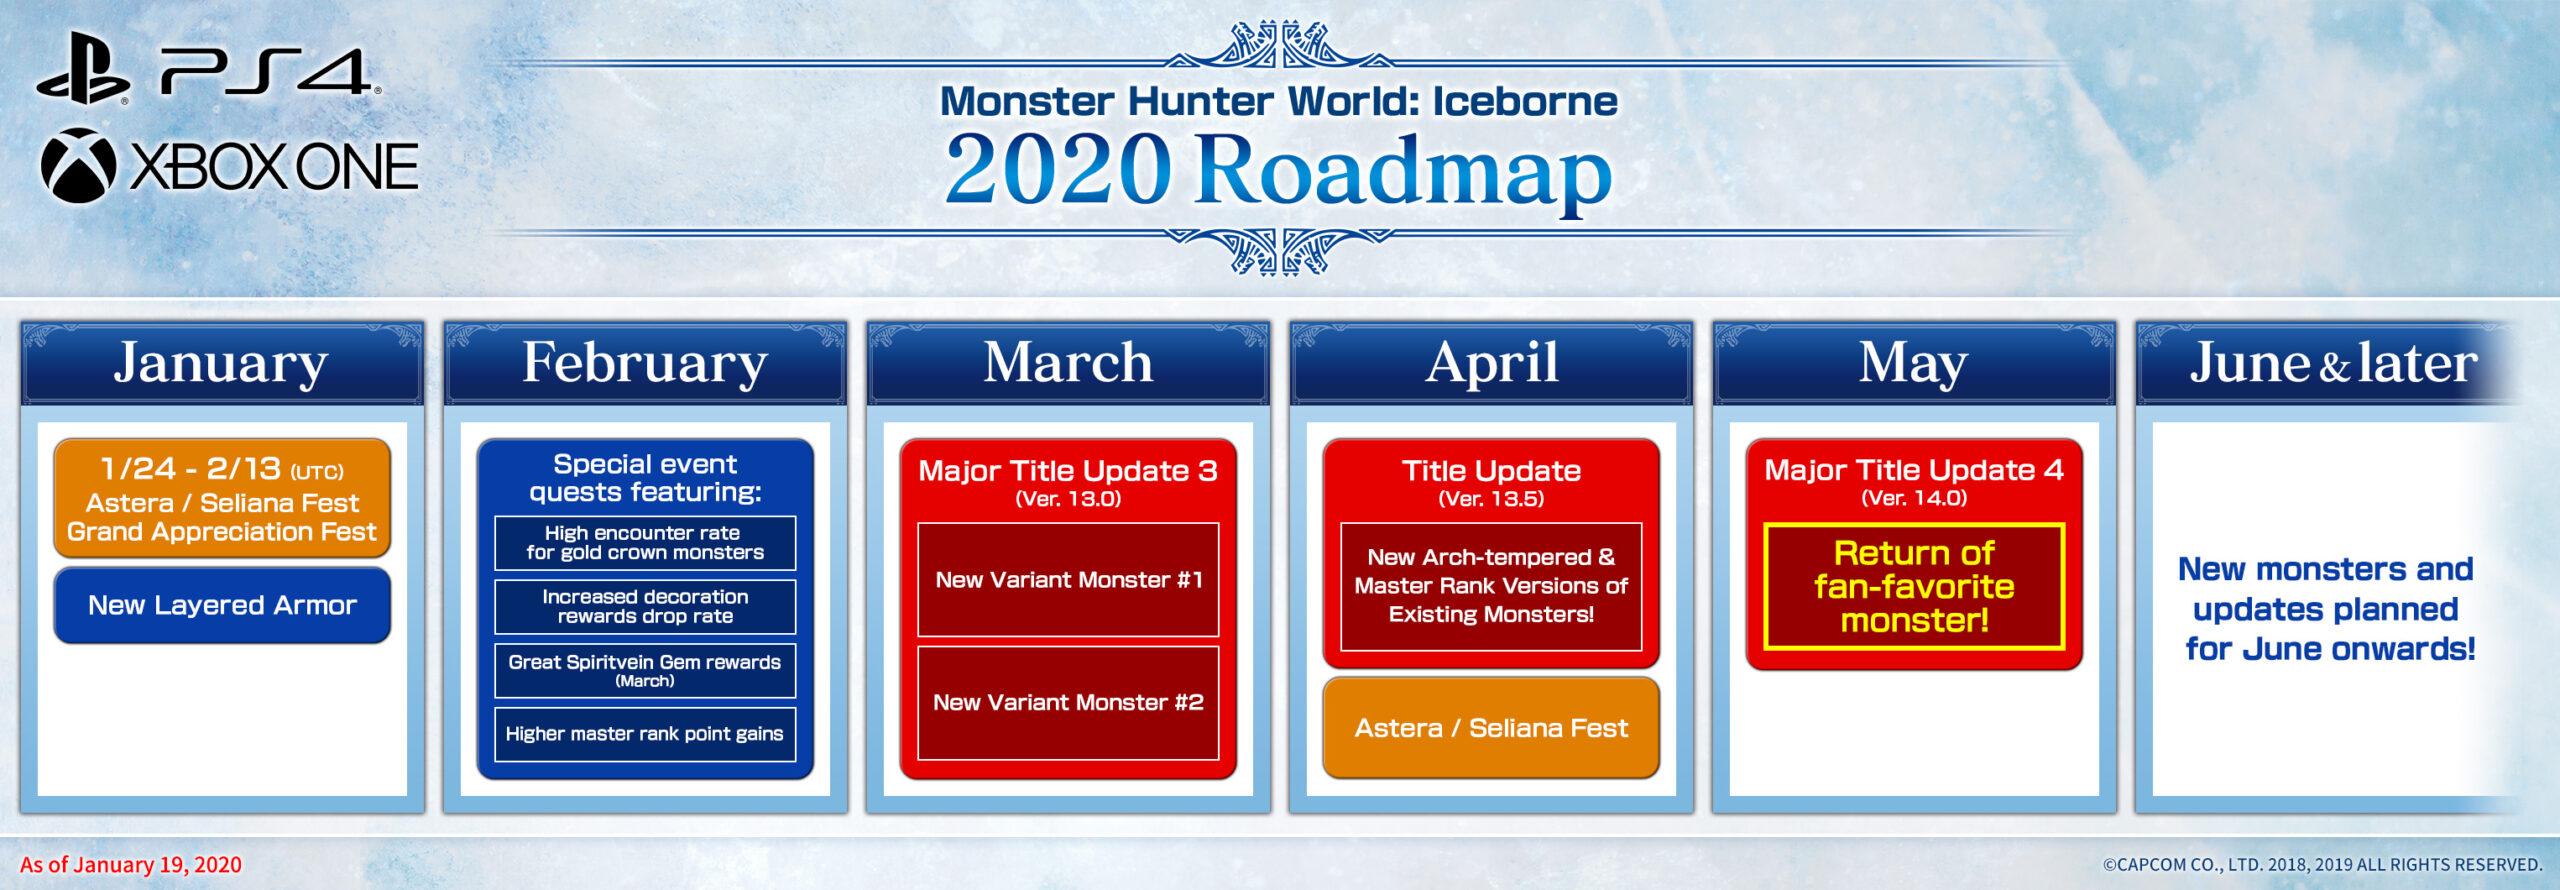 Monster Hunter World Iceborne Roadmap 1